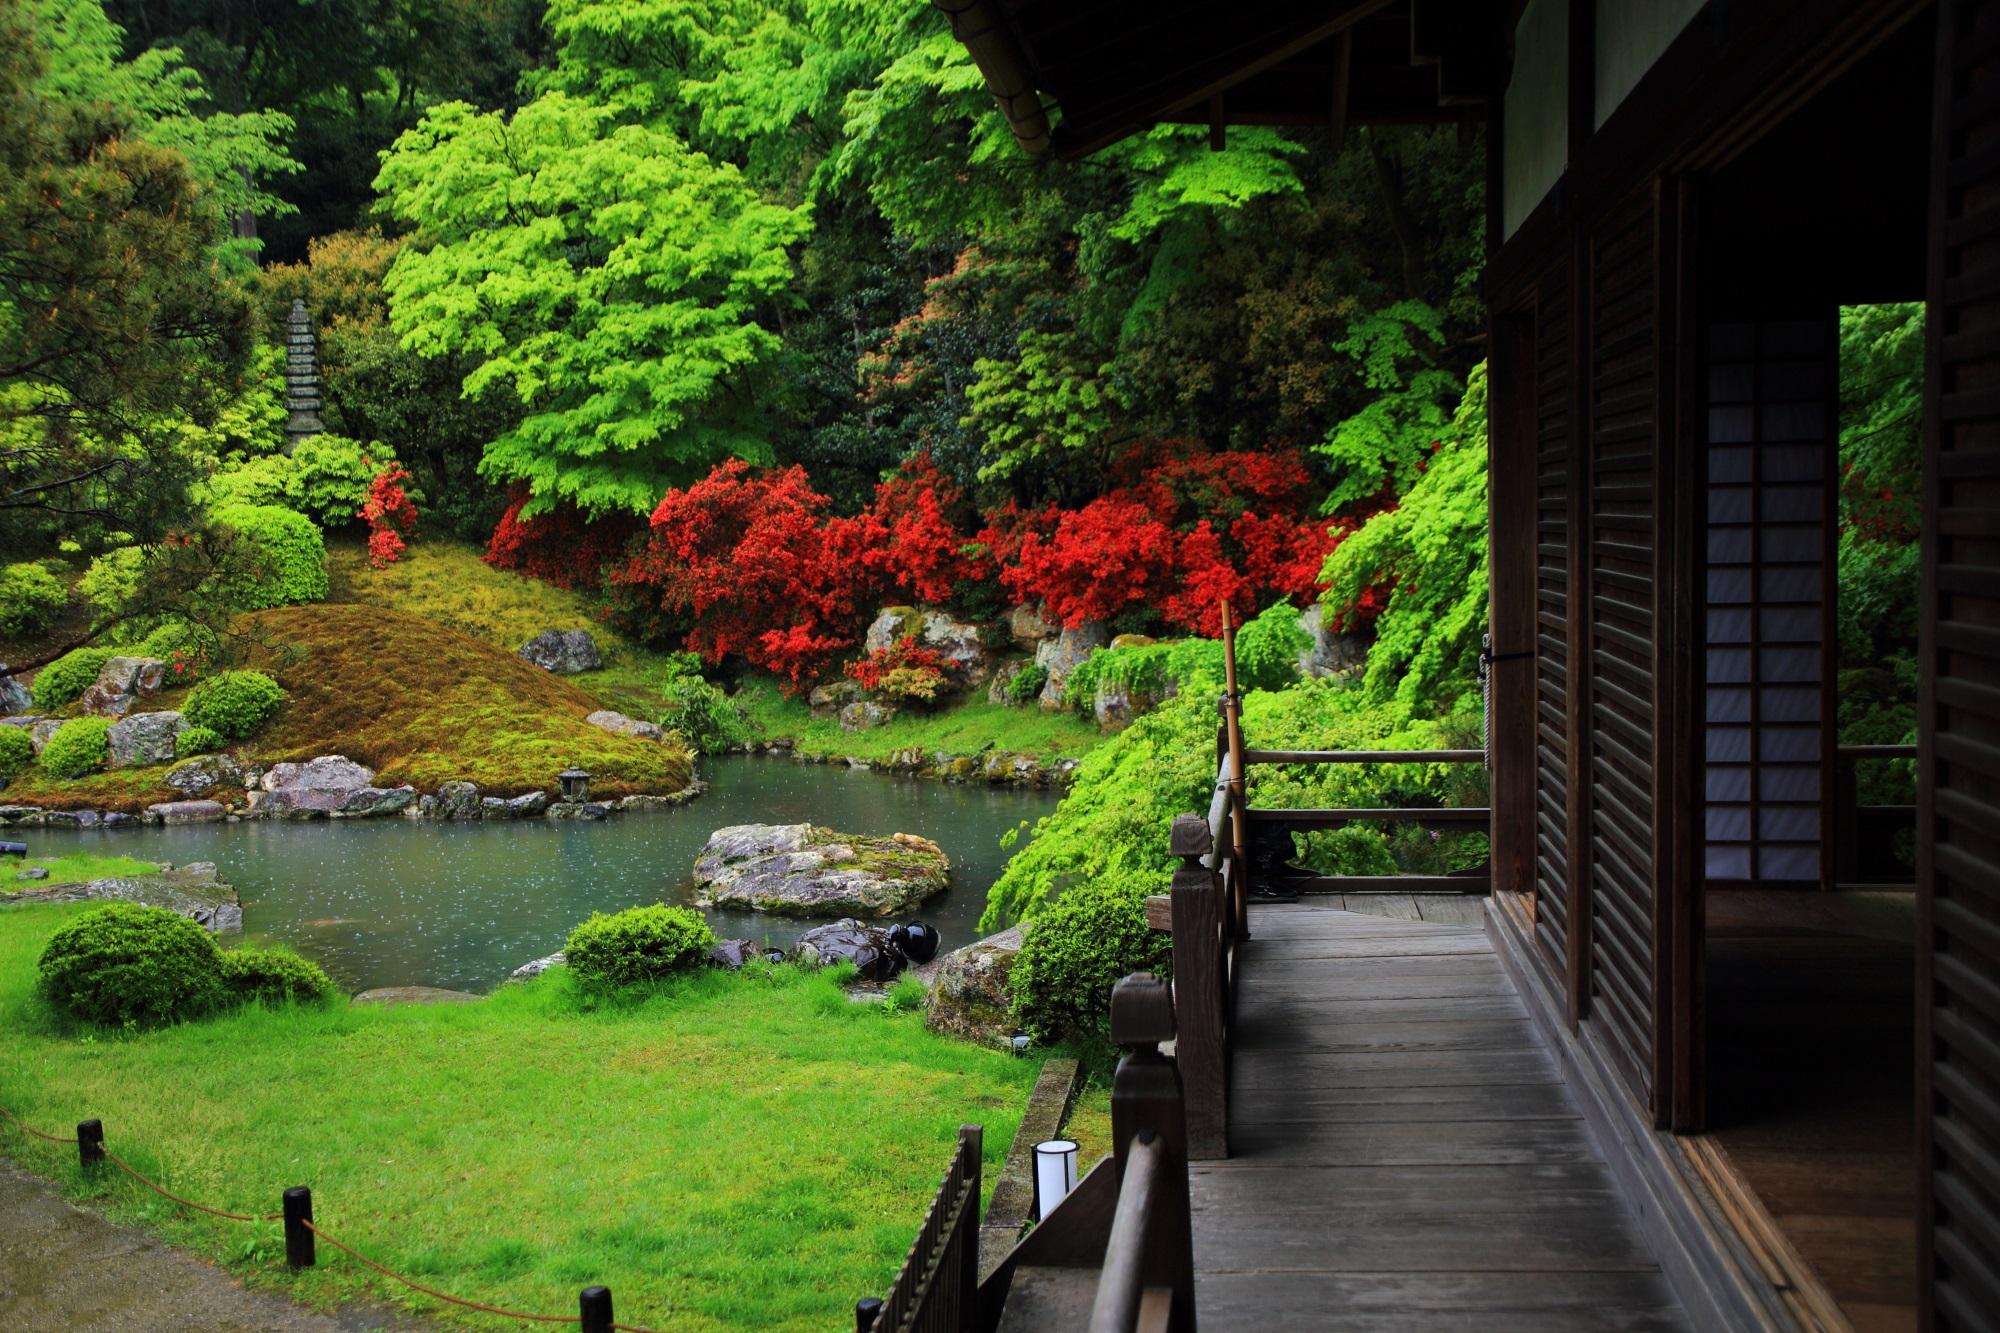 青蓮院の池泉式庭園の「相阿弥の庭」